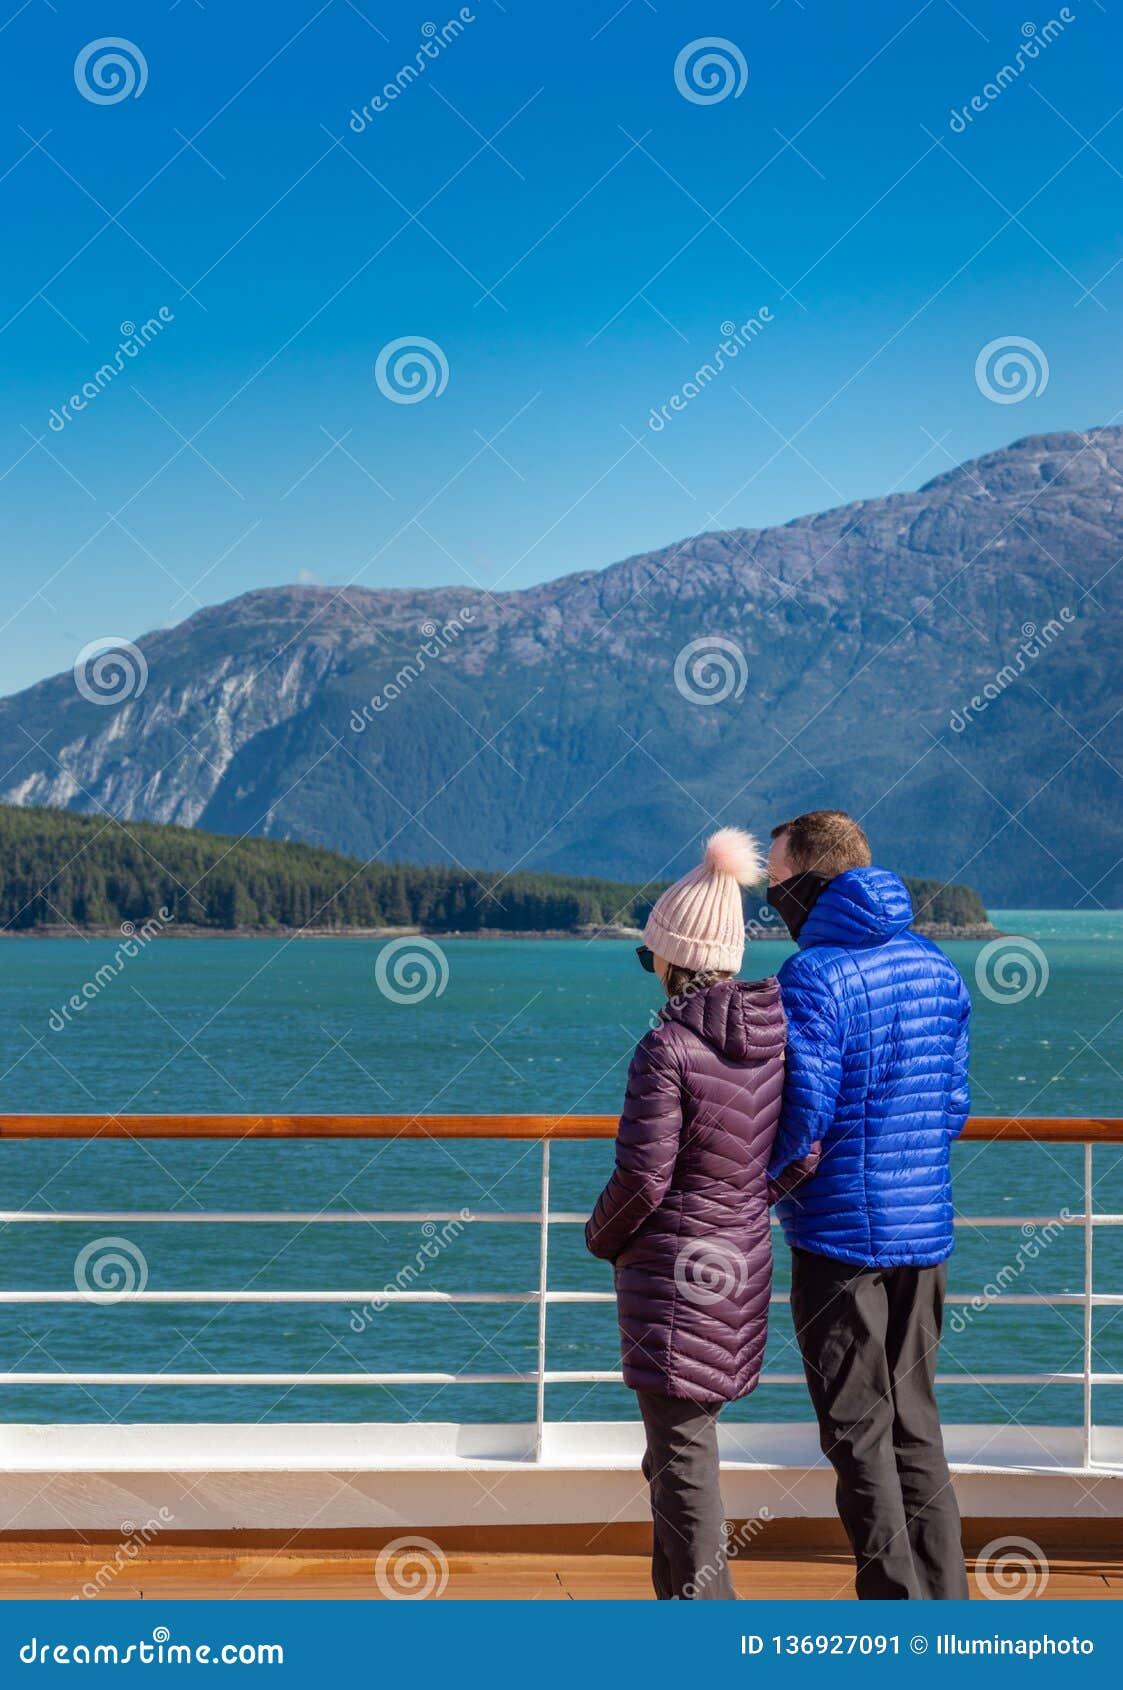 14 Σεπτεμβρίου 2018 - Juneau, AK: Ζεύγος κρουαζιερόπλοιων που απολαμβάνει τη θέα στον κολπίσκο Taku